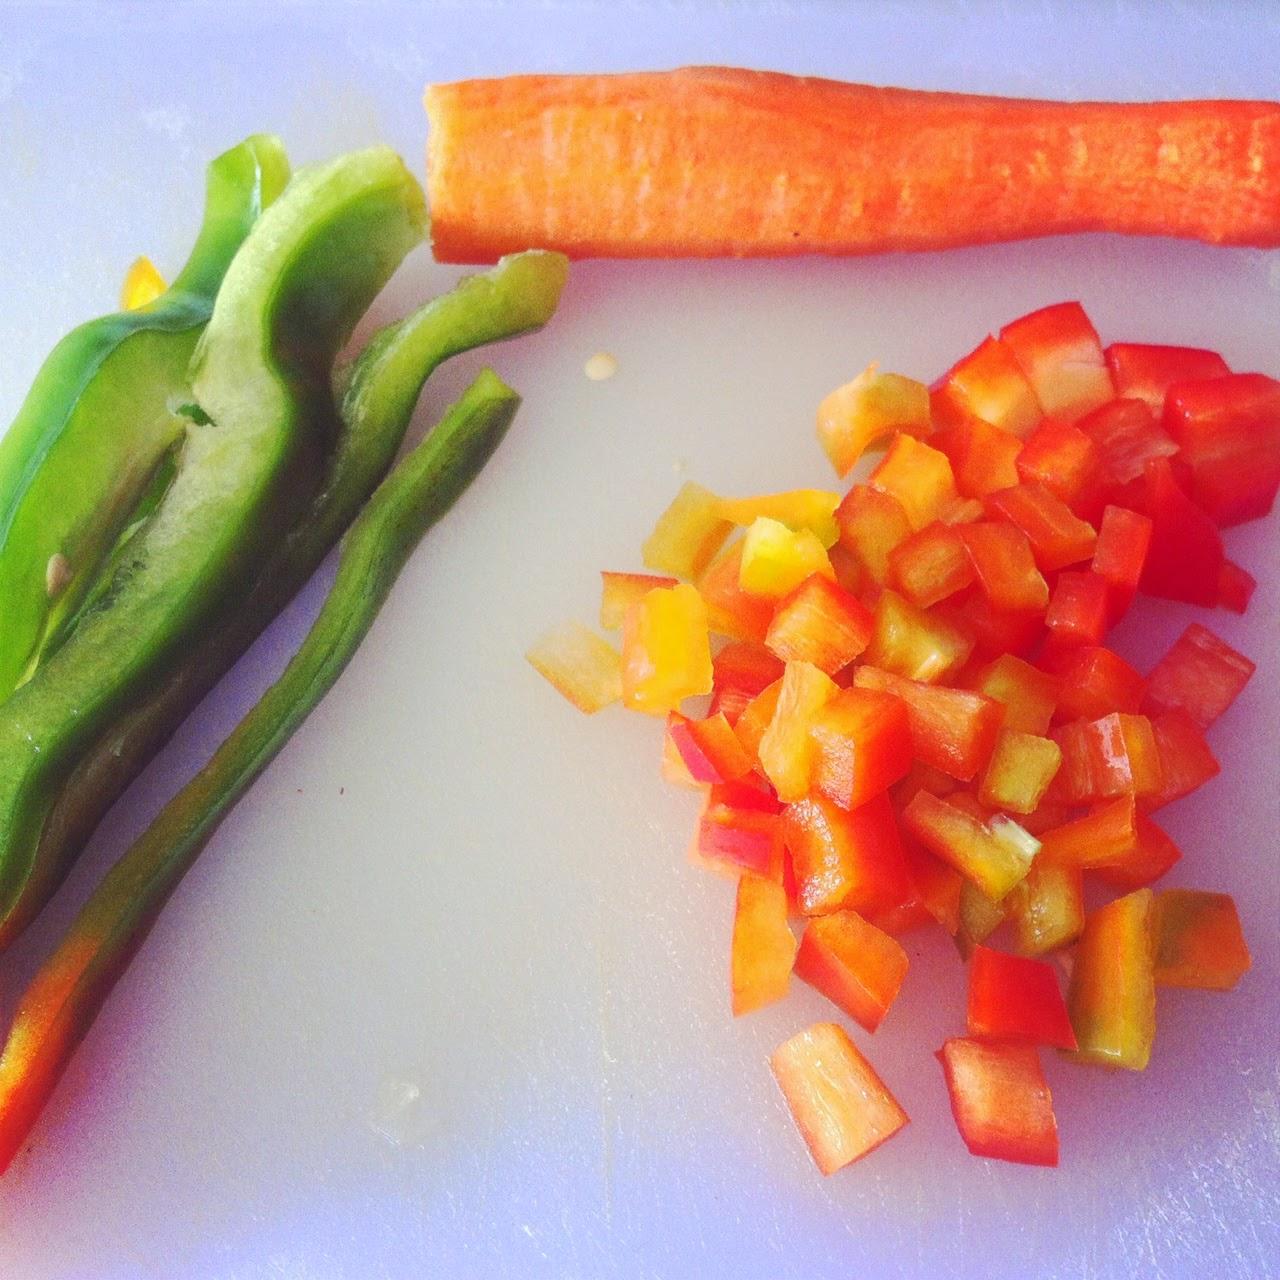 Cortando pimientos y zanahoria.